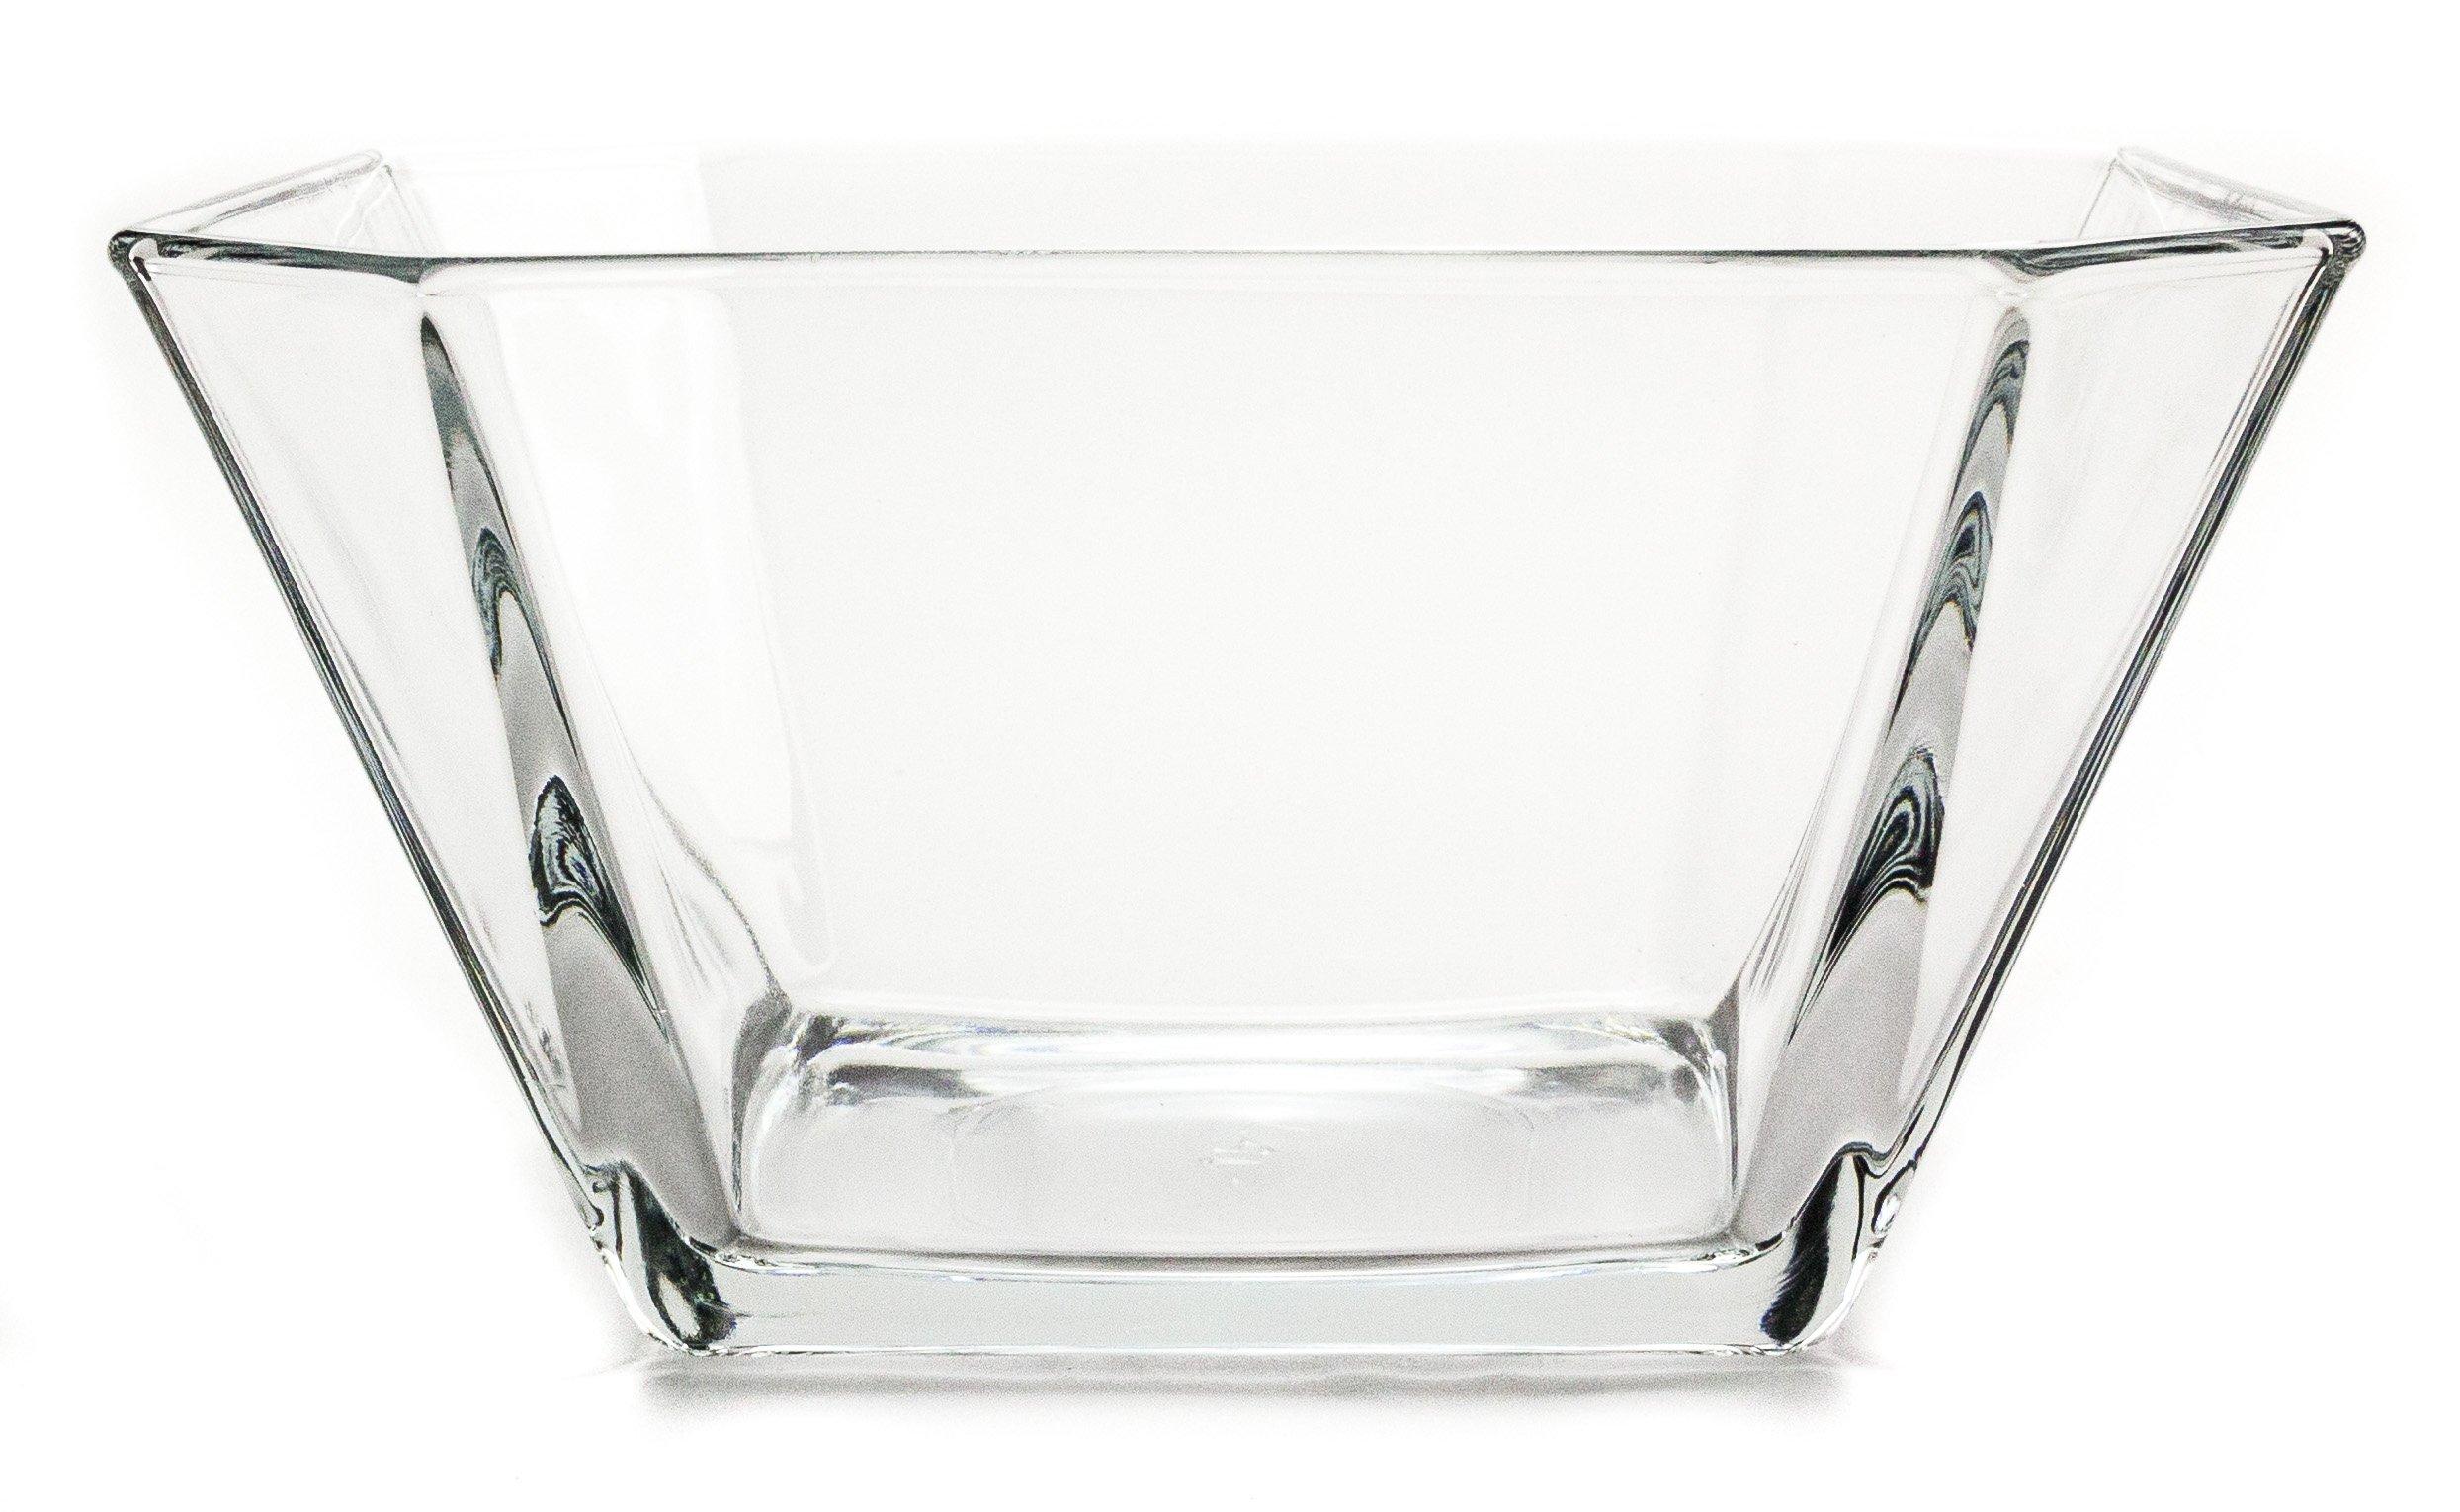 Modern Geometric Clear Glass Serving/Centerpiece Bowl, 64 Ounce